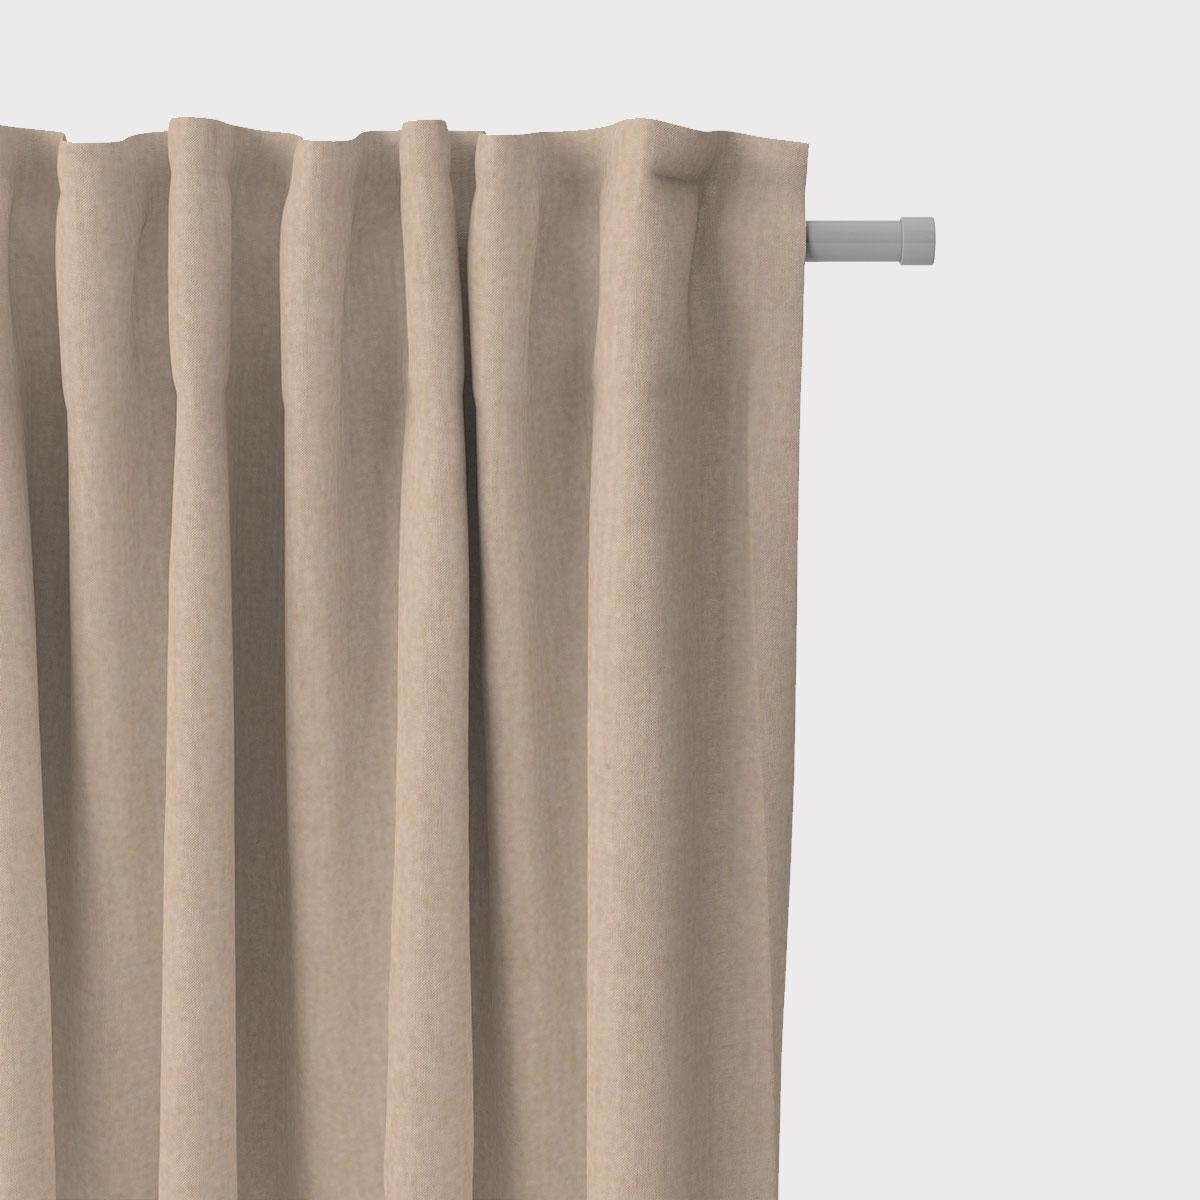 SCHÖNER LEBEN. Vorhang Leinenlook meliert uni dunkel beige 245cm oder Wunschlänge